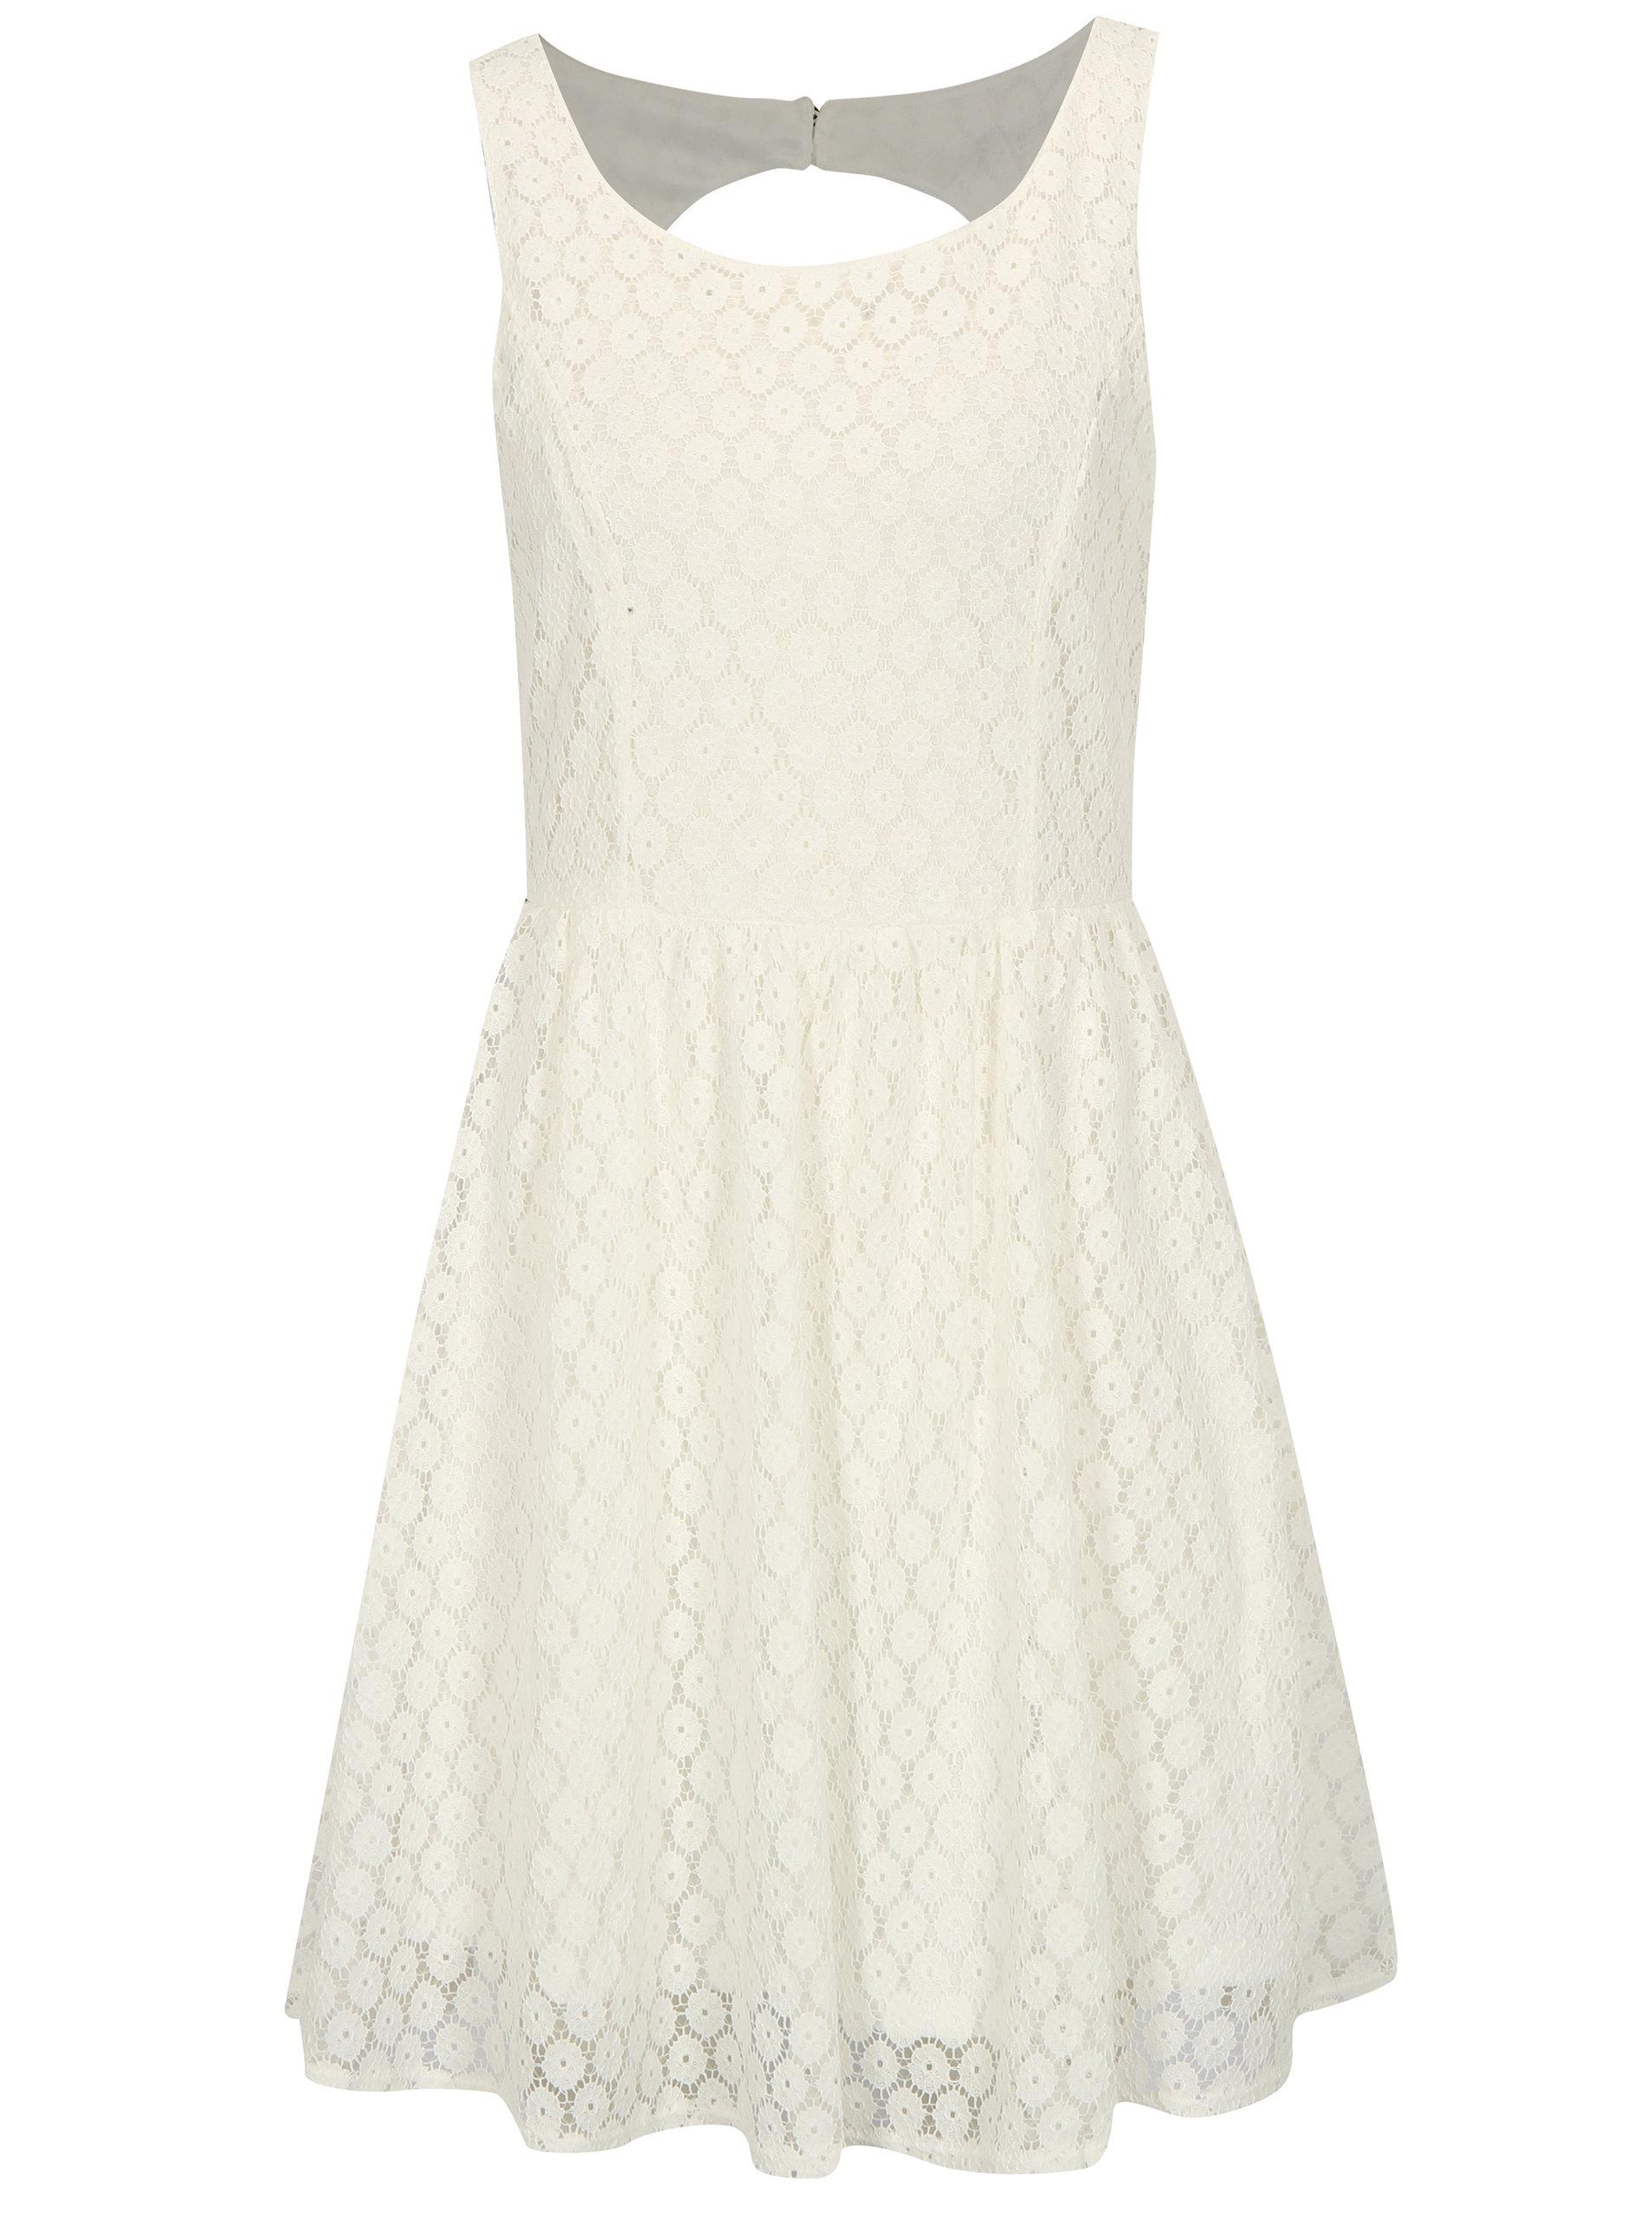 Biele čipkované šaty s prestrihom na chrbte Haily s Lilly ... 65e770e6614